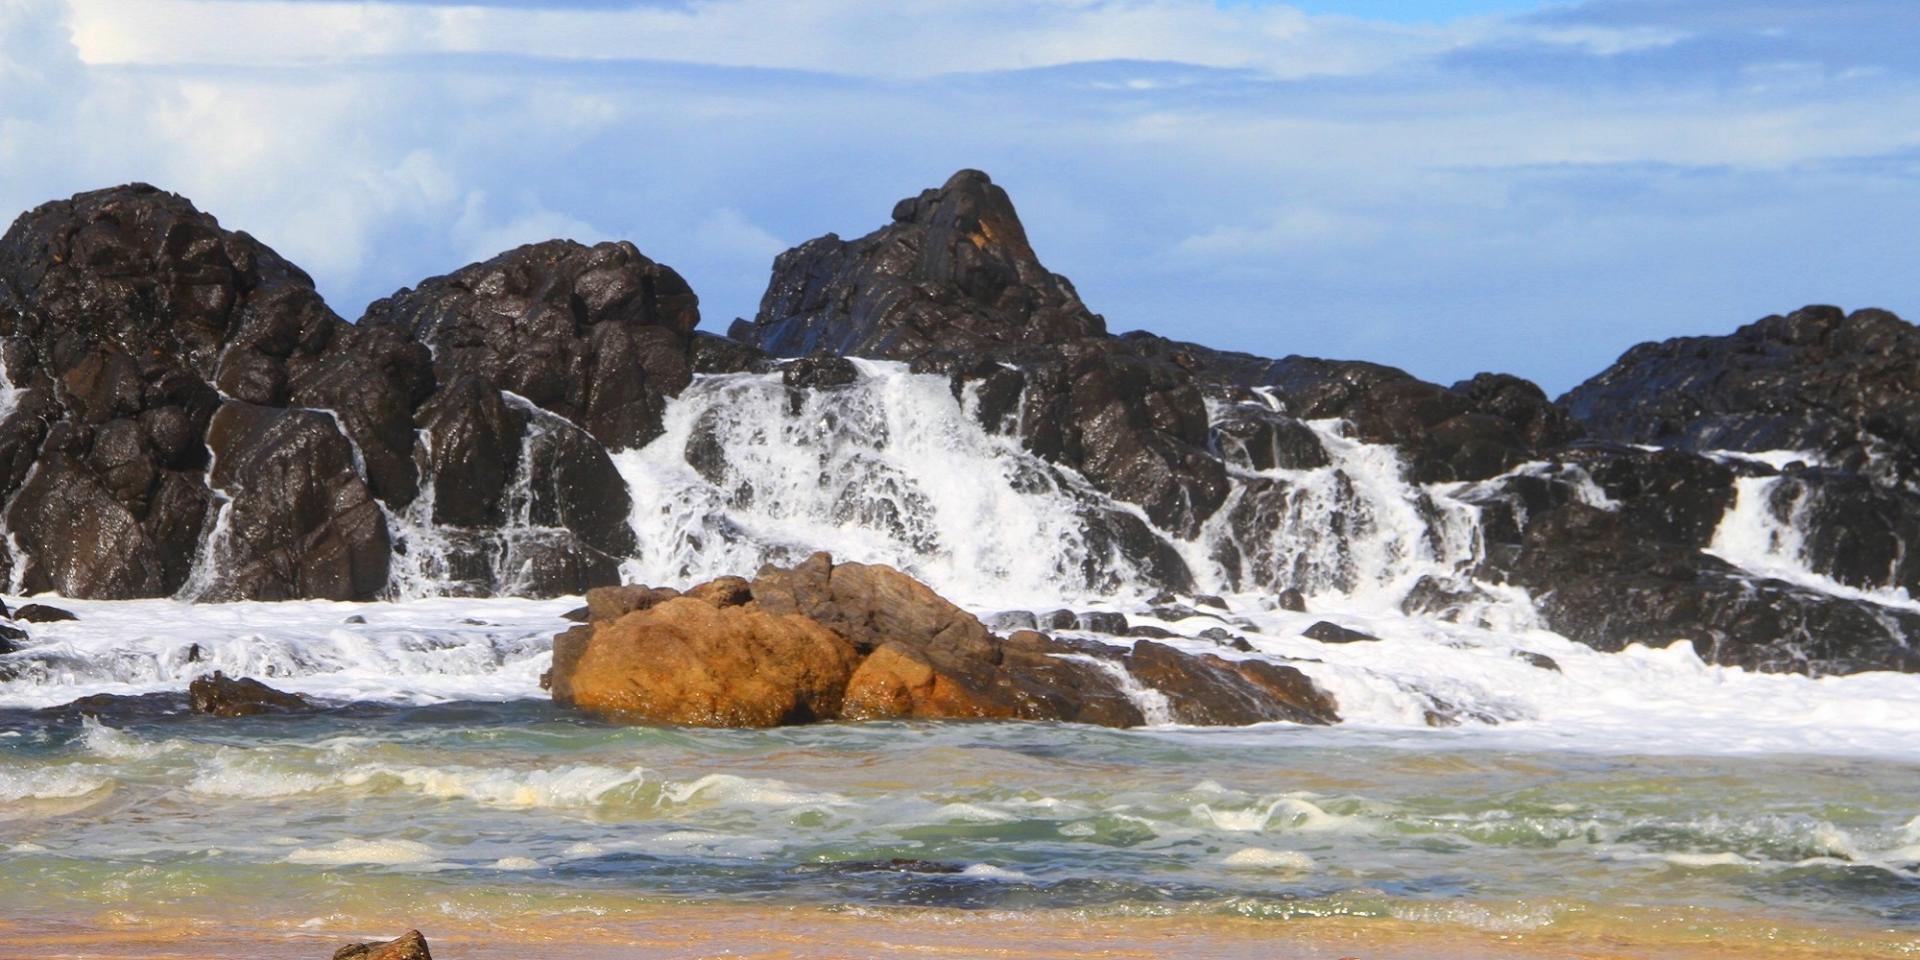 Les piscines naturelles d'Ambodiatafana sainte-marie madagascar